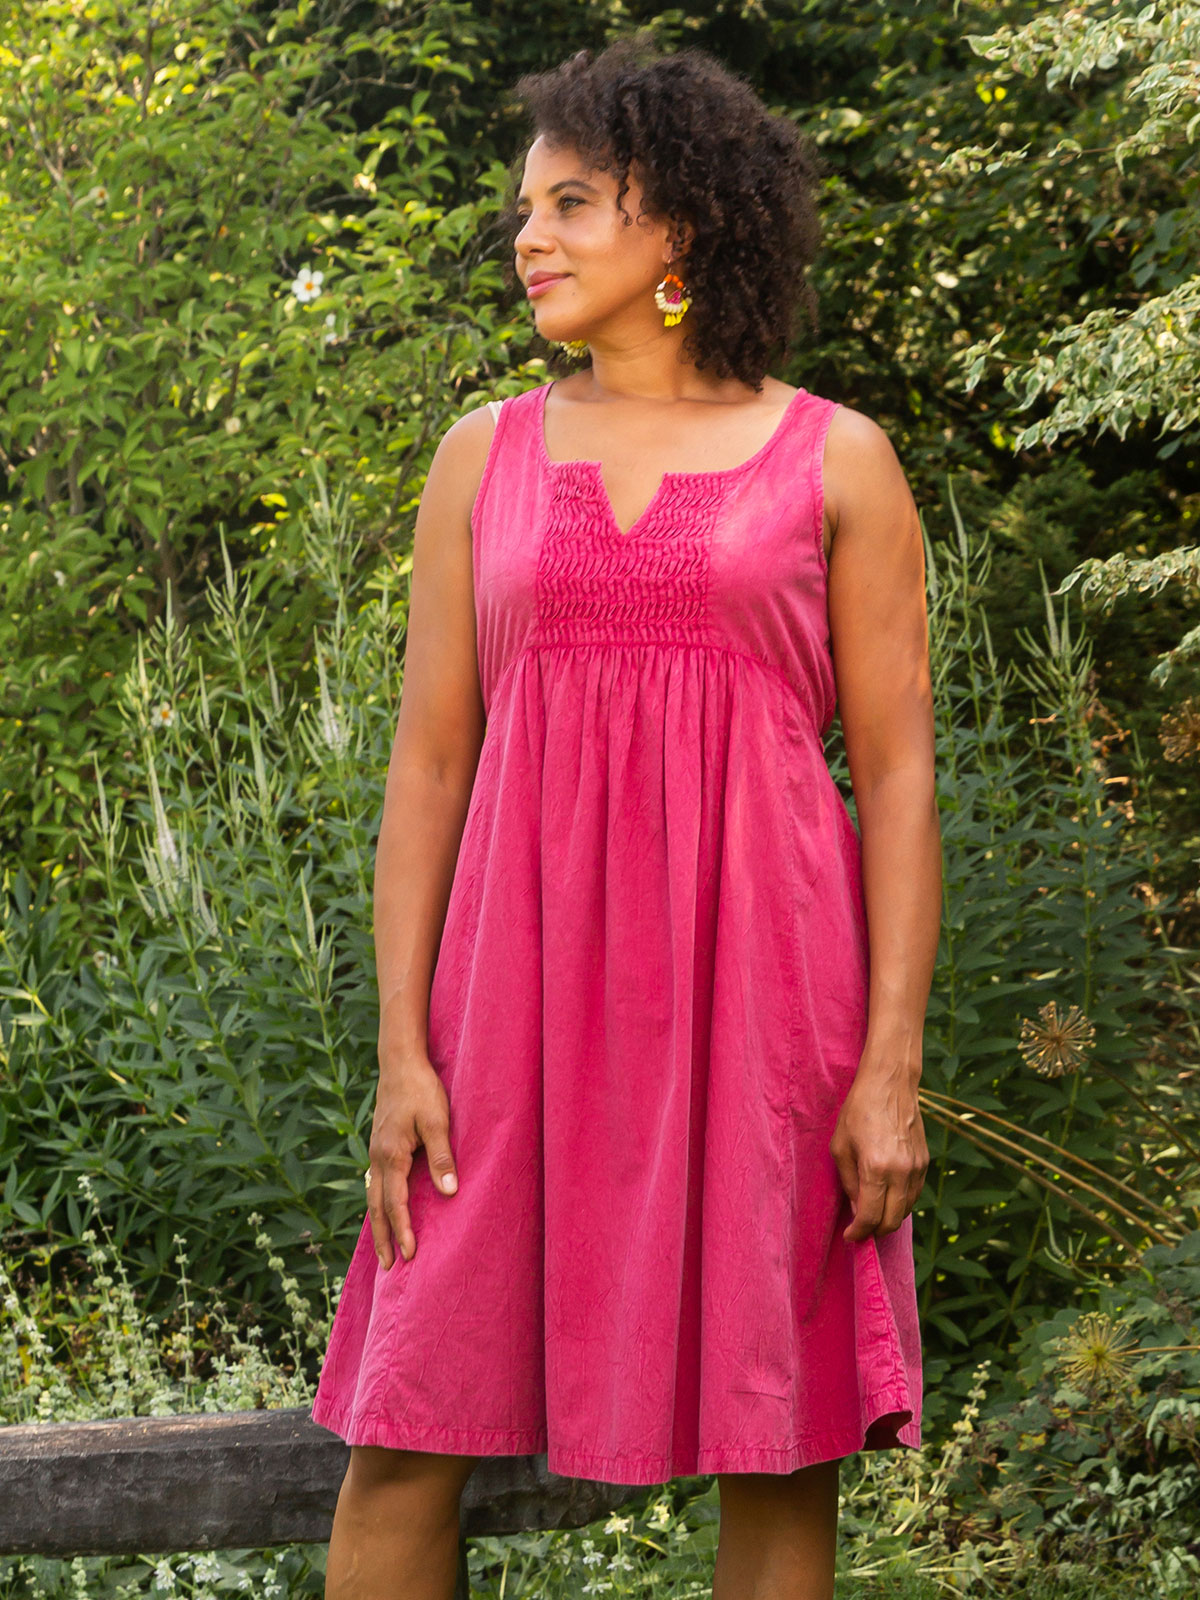 Razzie Dress